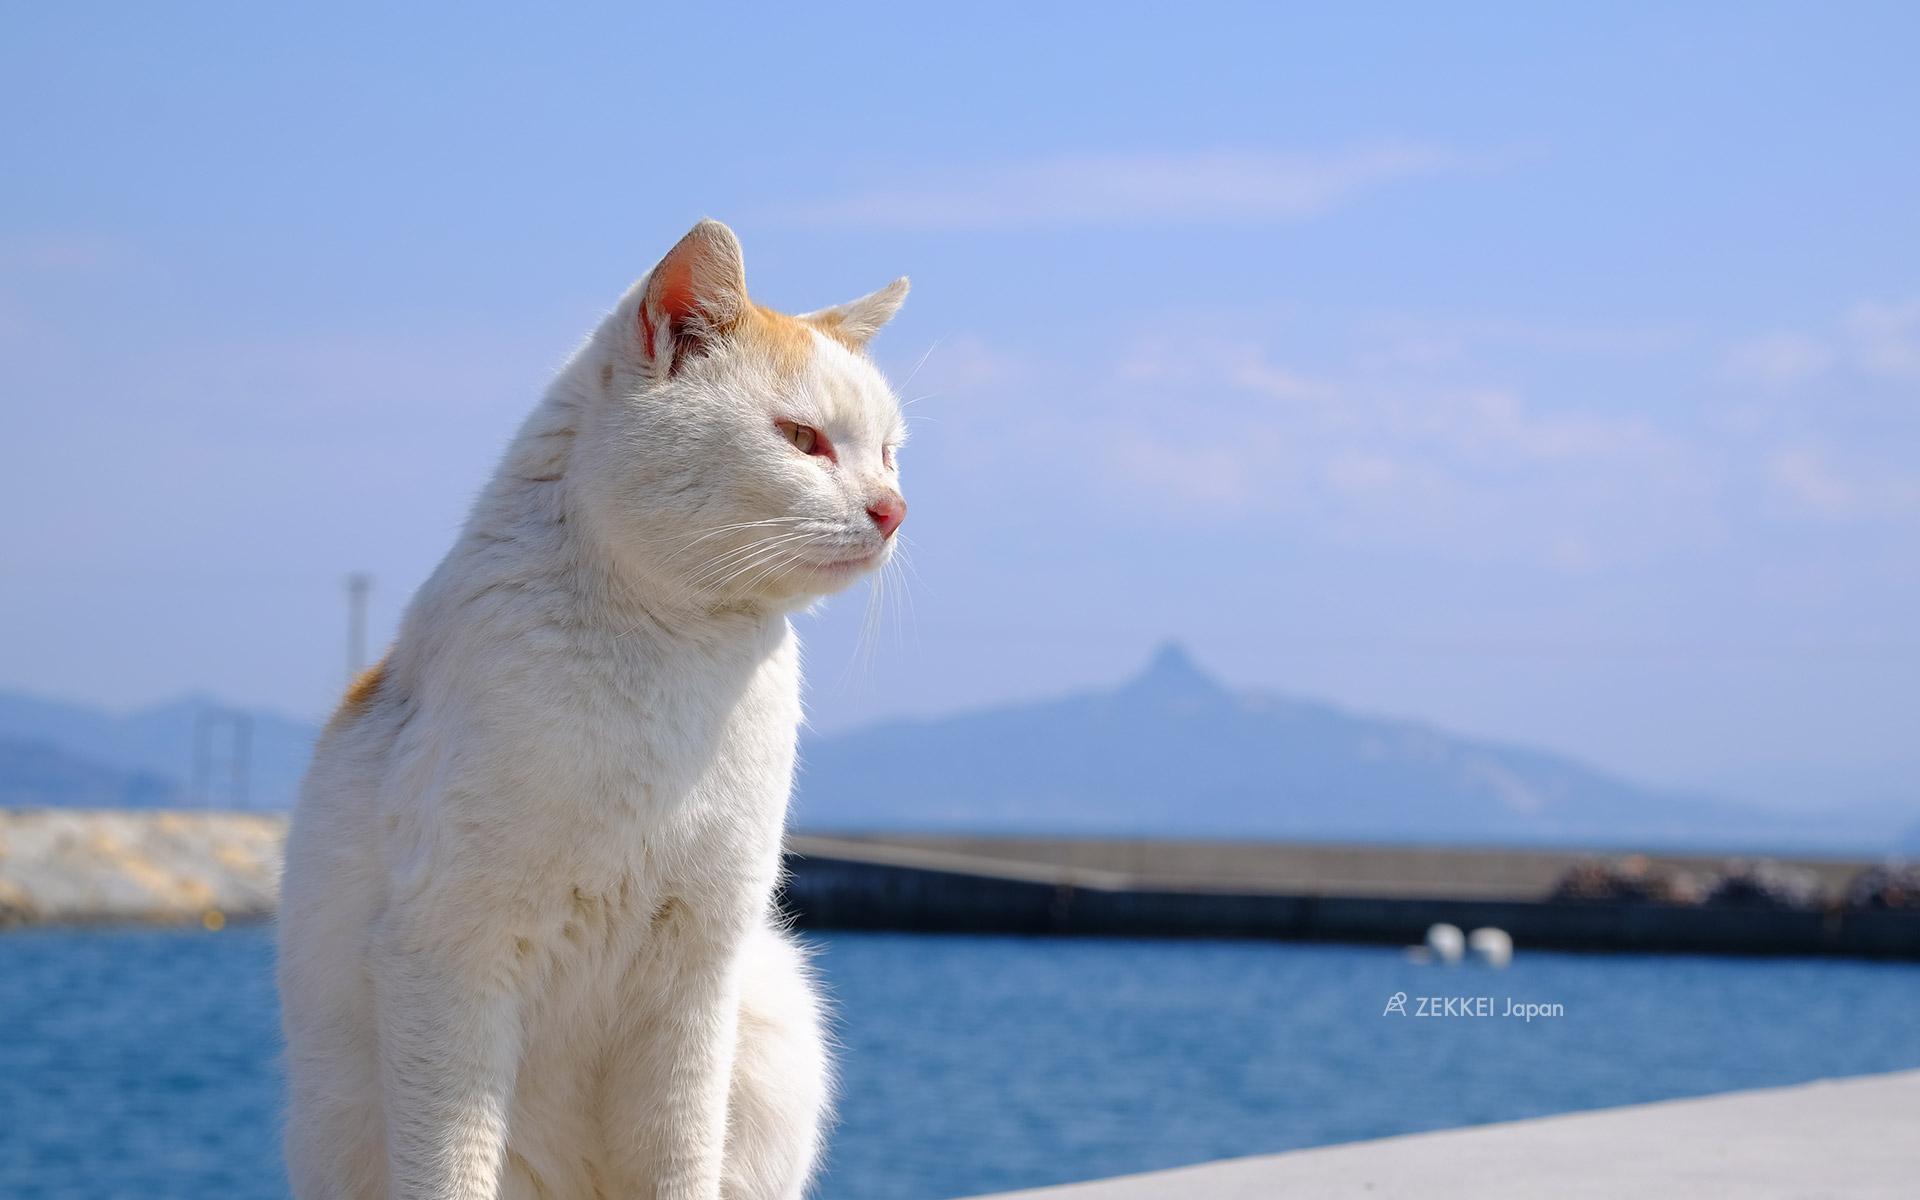 あなたのパソコン スマホに絶景を 島猫のzekkei壁紙をプレゼント